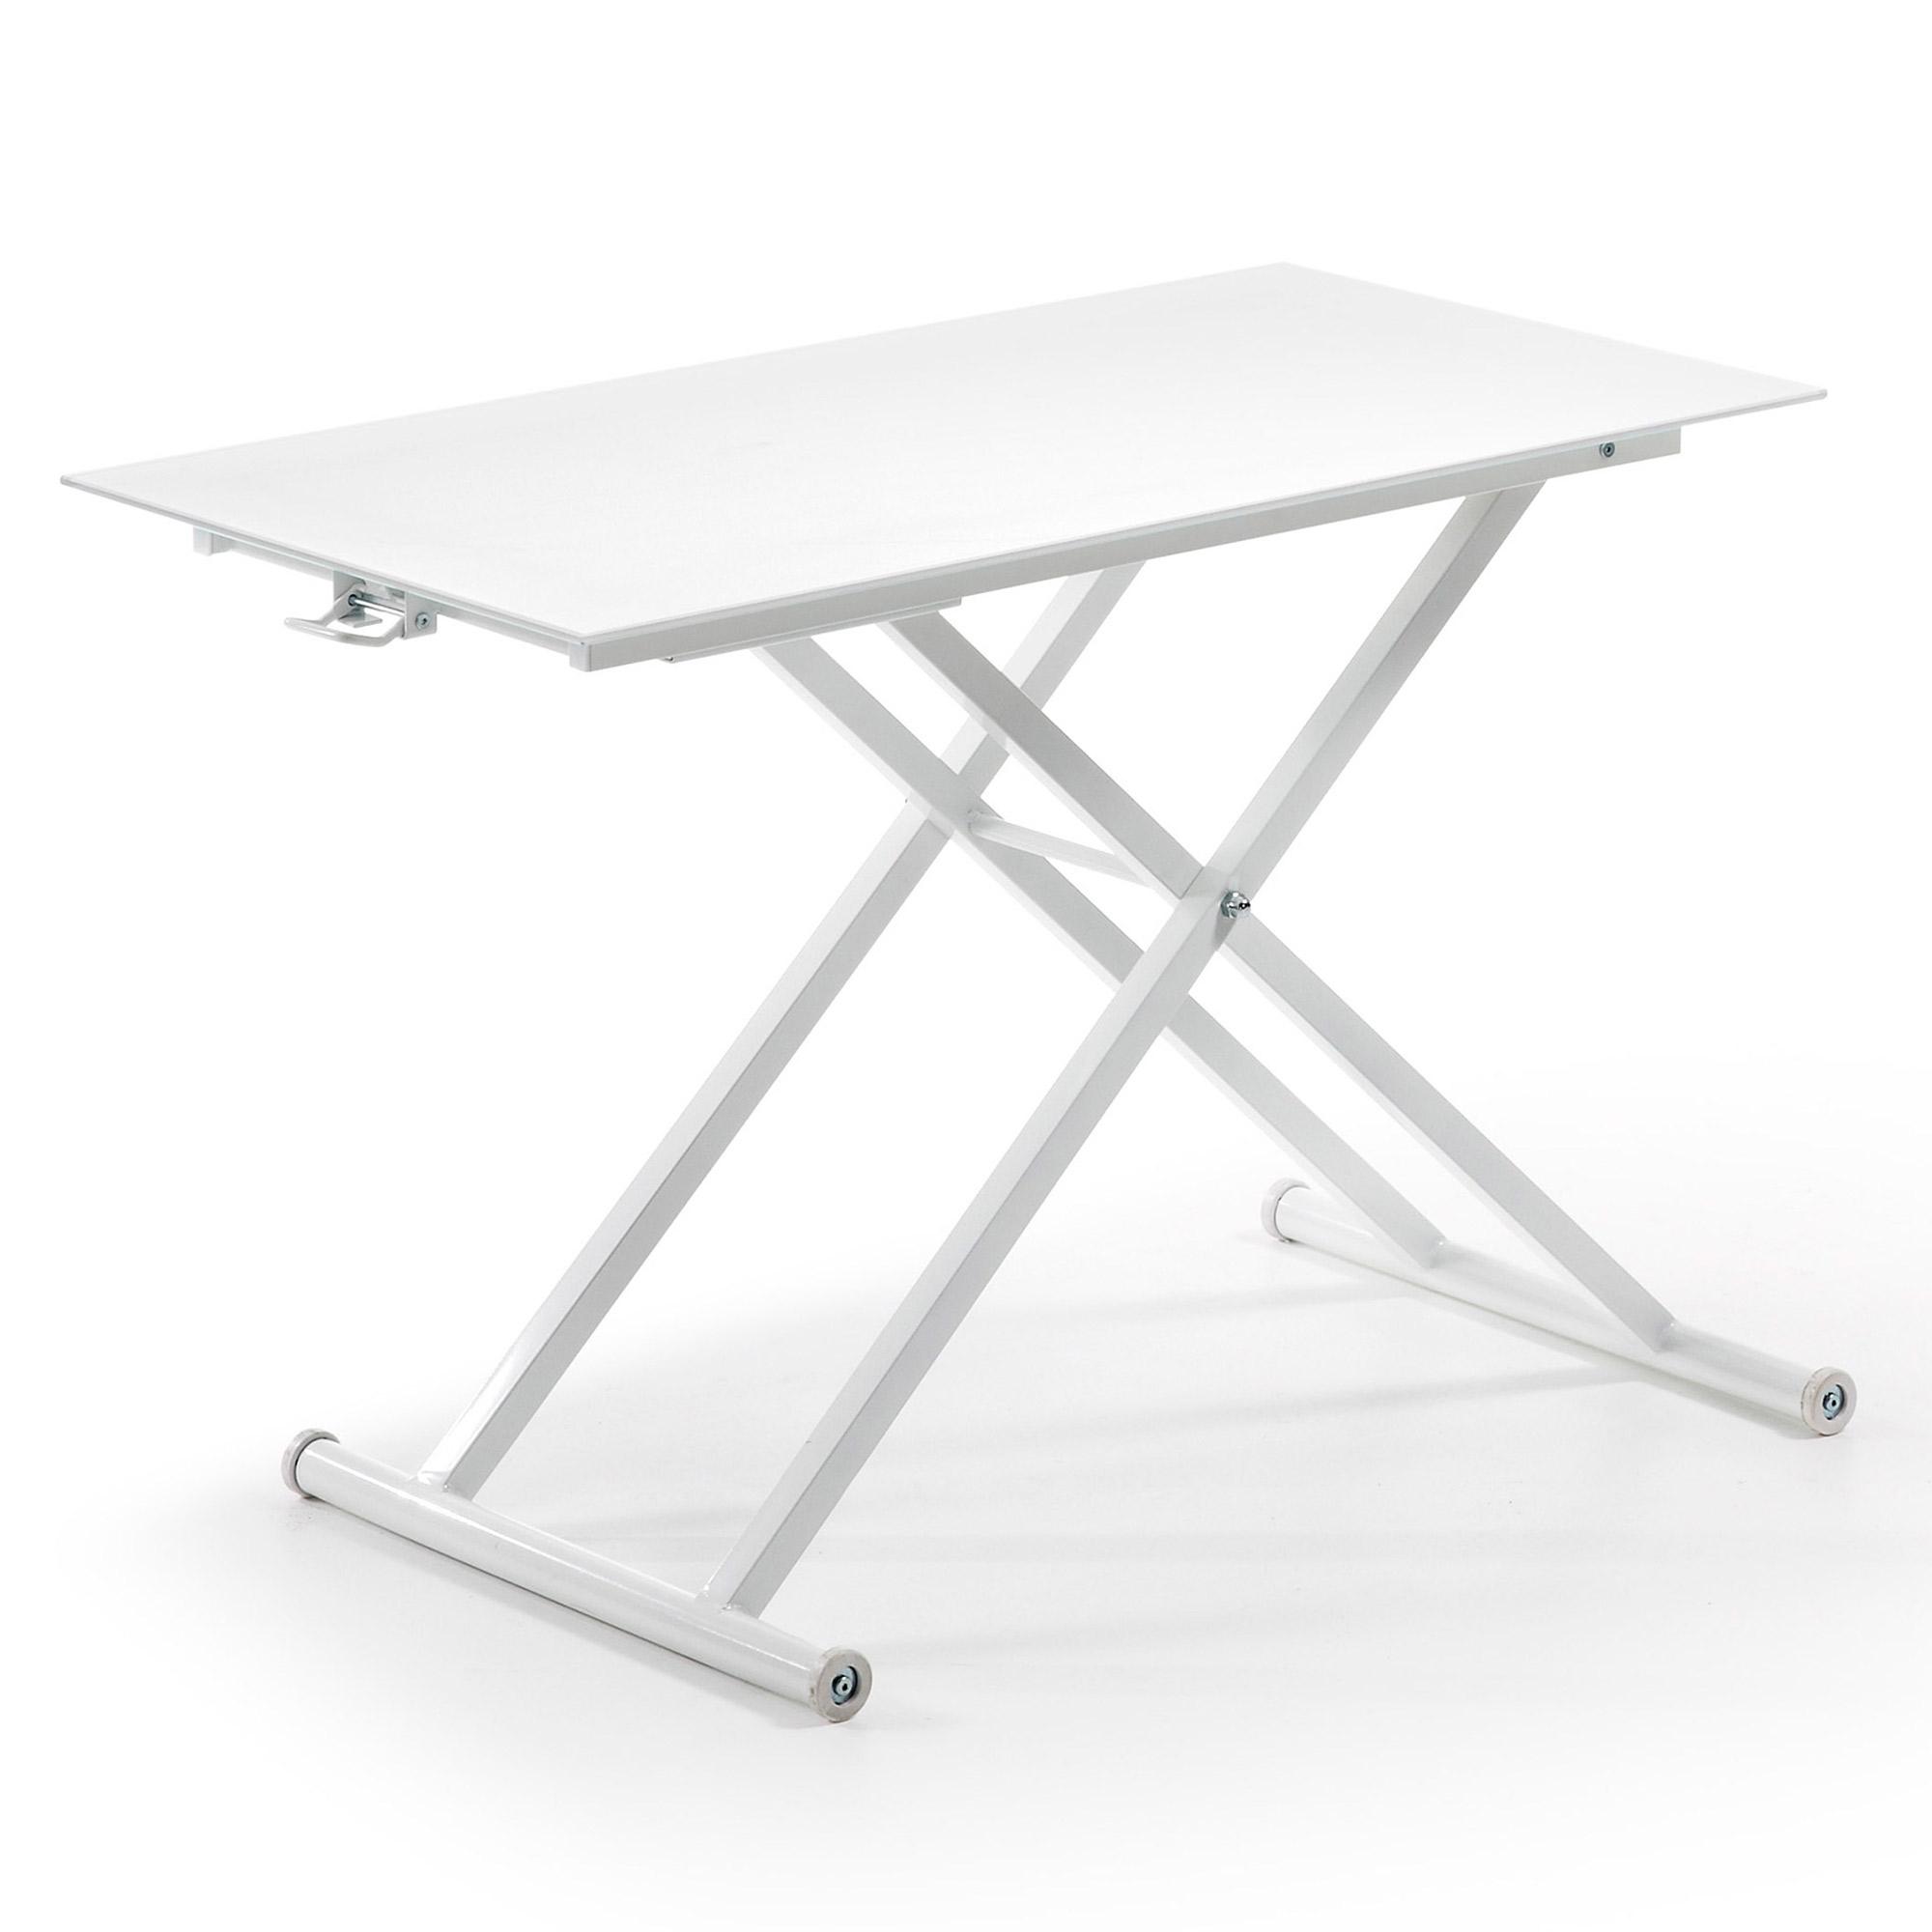 Flip mesa centro elevable blanco cristal en for Mesa centro elevable